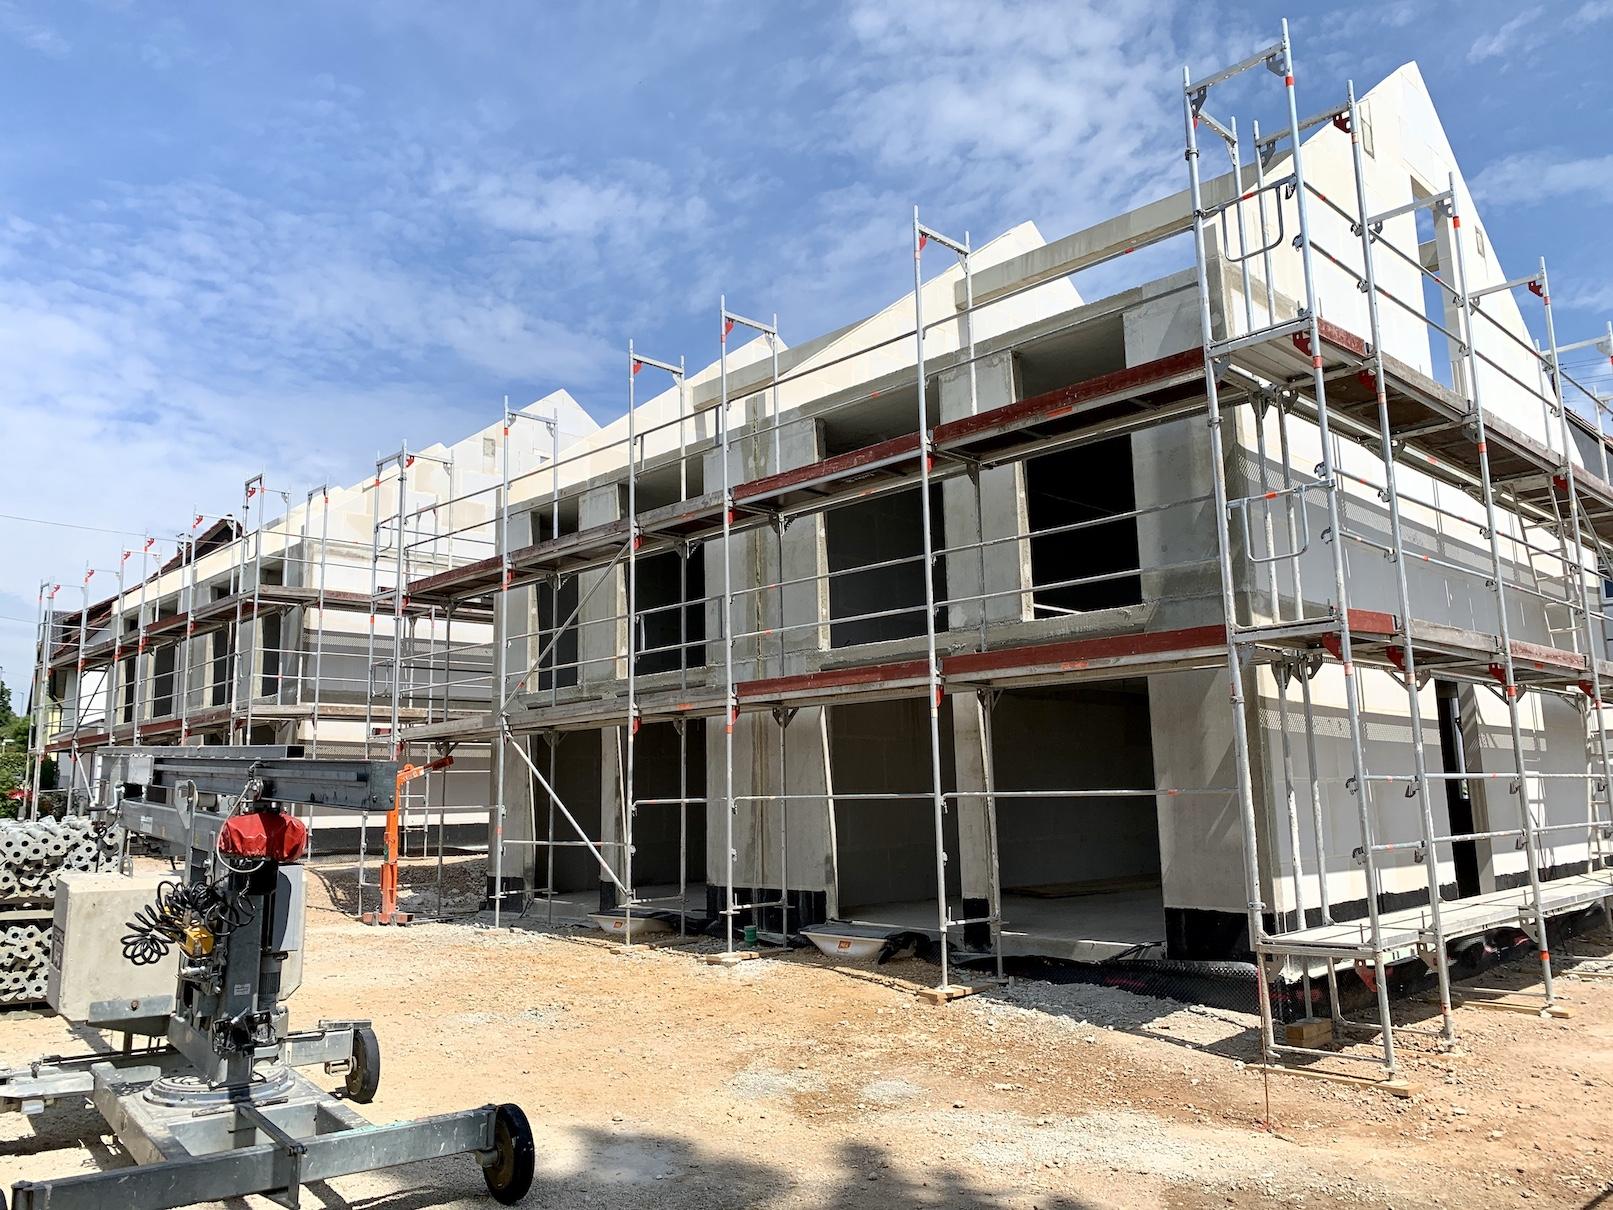 08.05.2020 - Die Rohbauarbeiten wurden abgeschlossen. Als nächstes werden die Dächer aufgeschlagen.